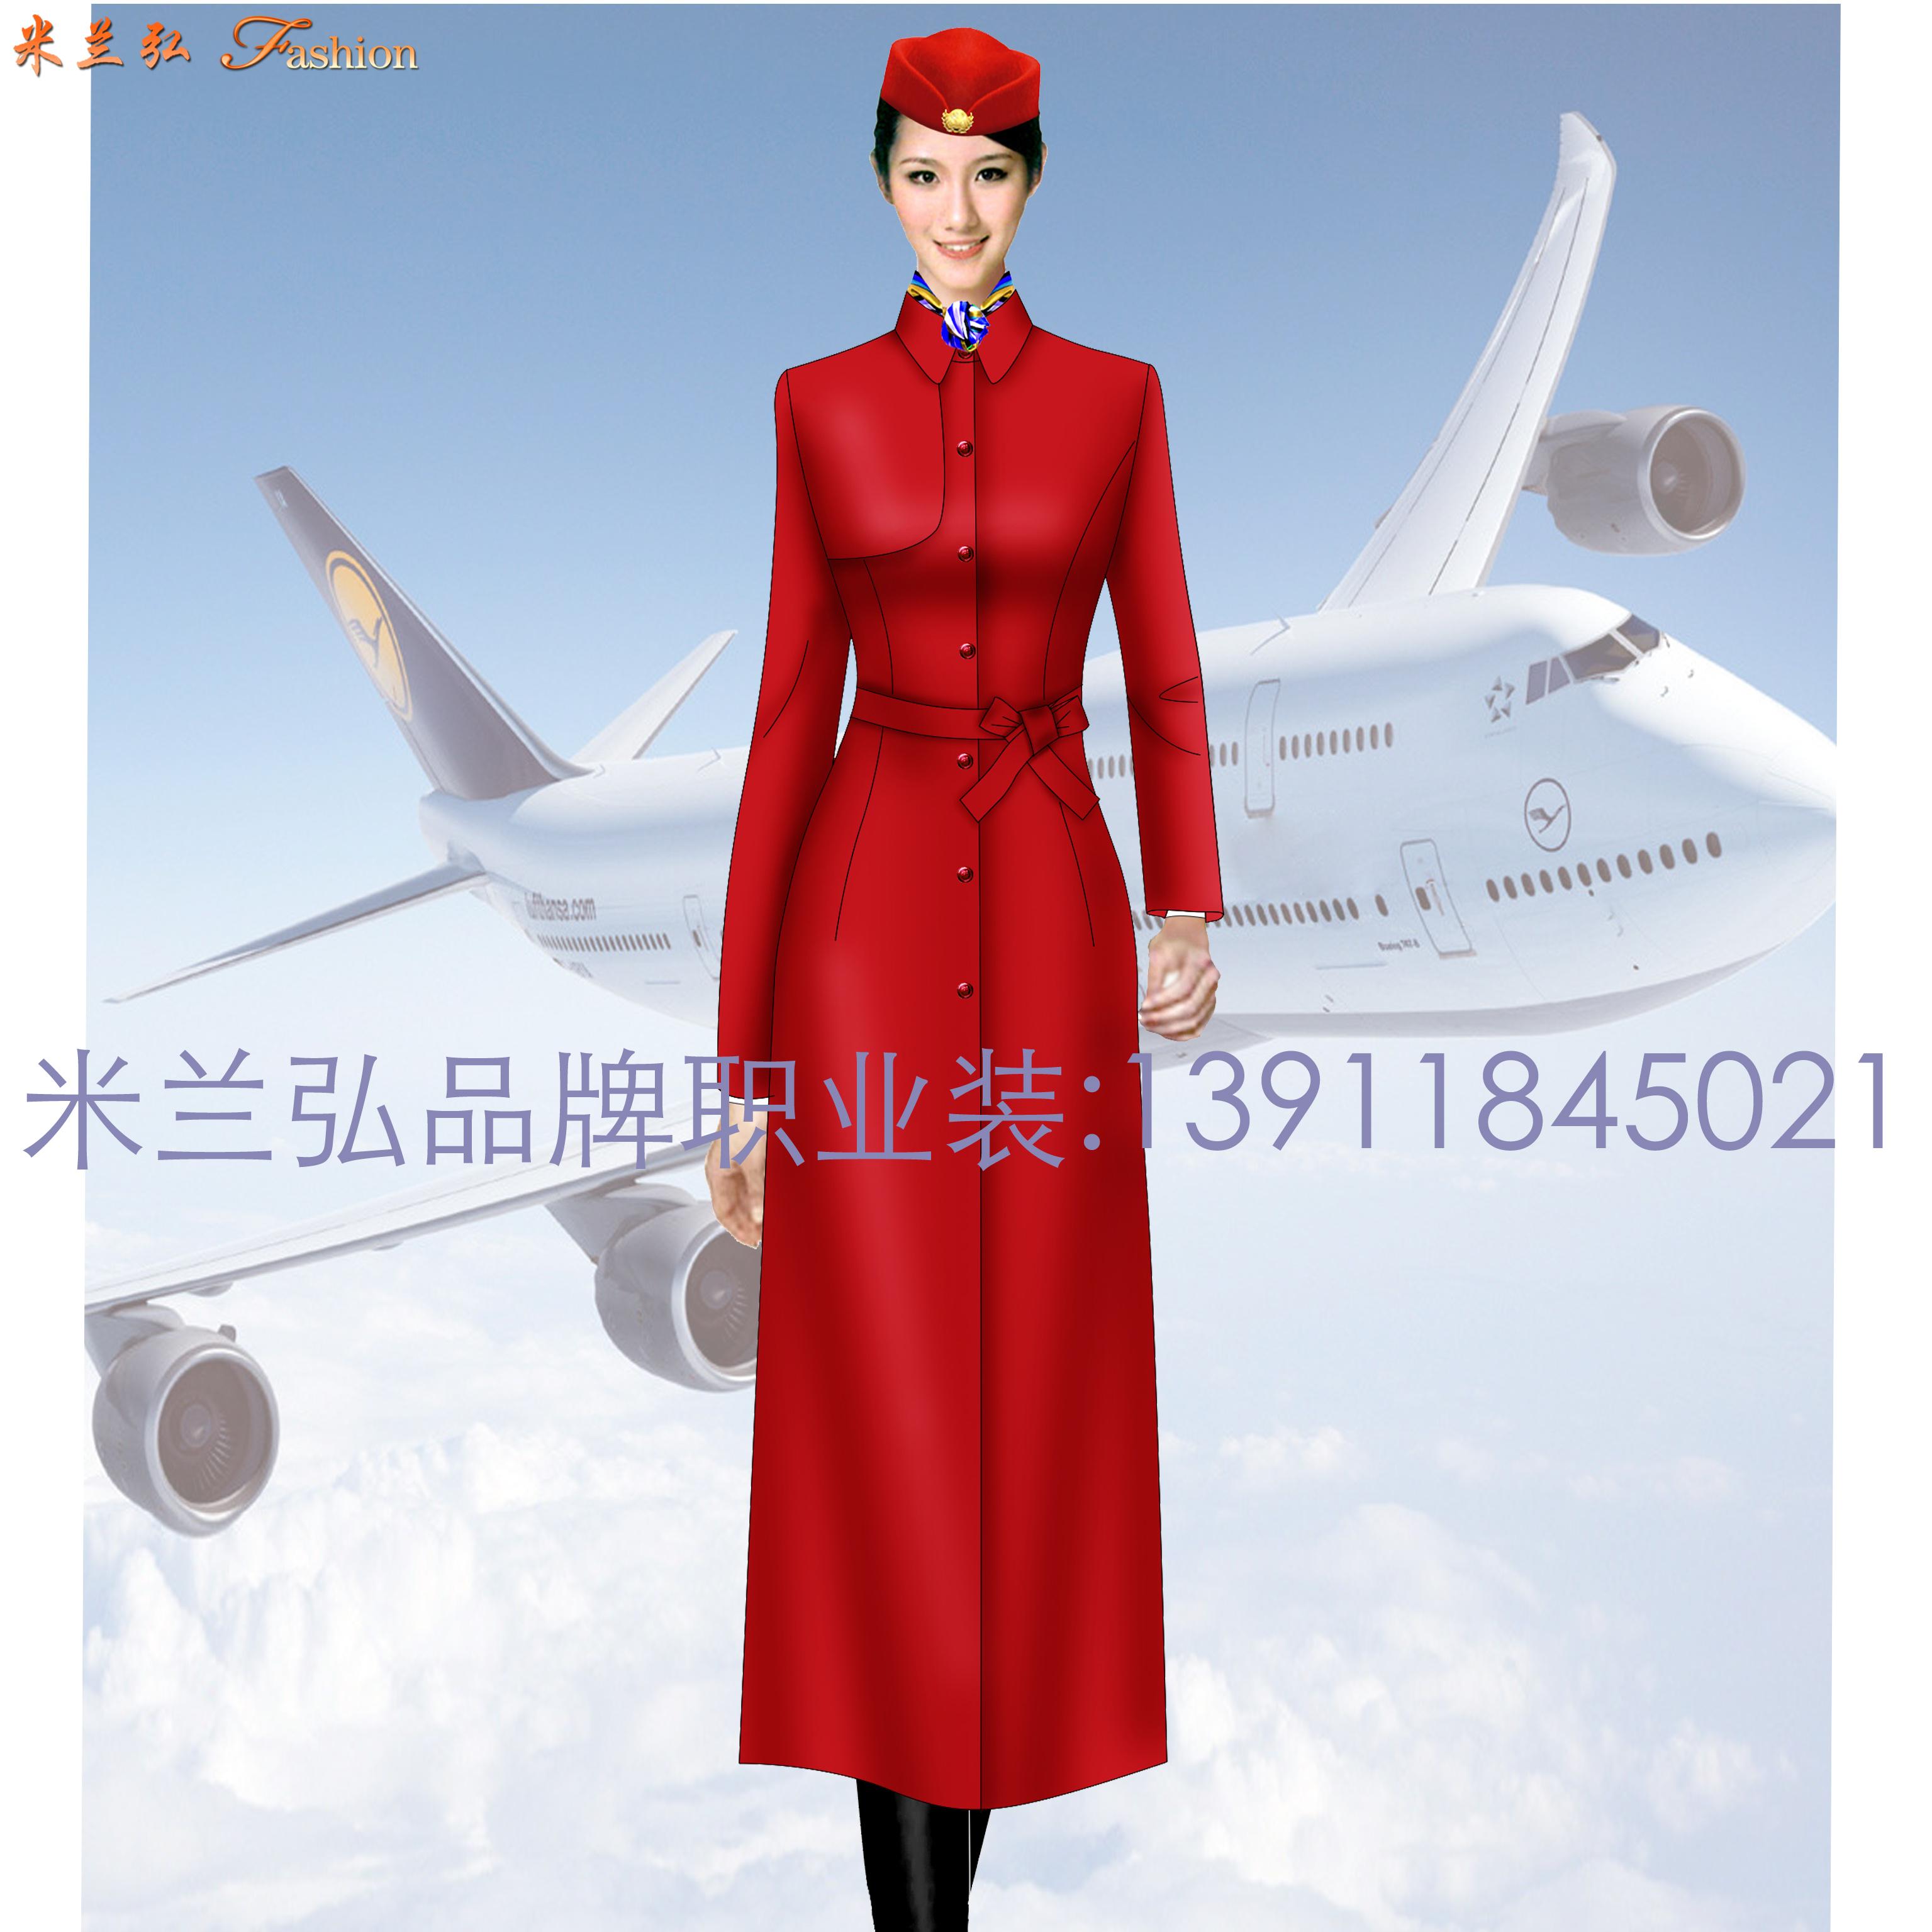 中國南方航空工作服定做-5